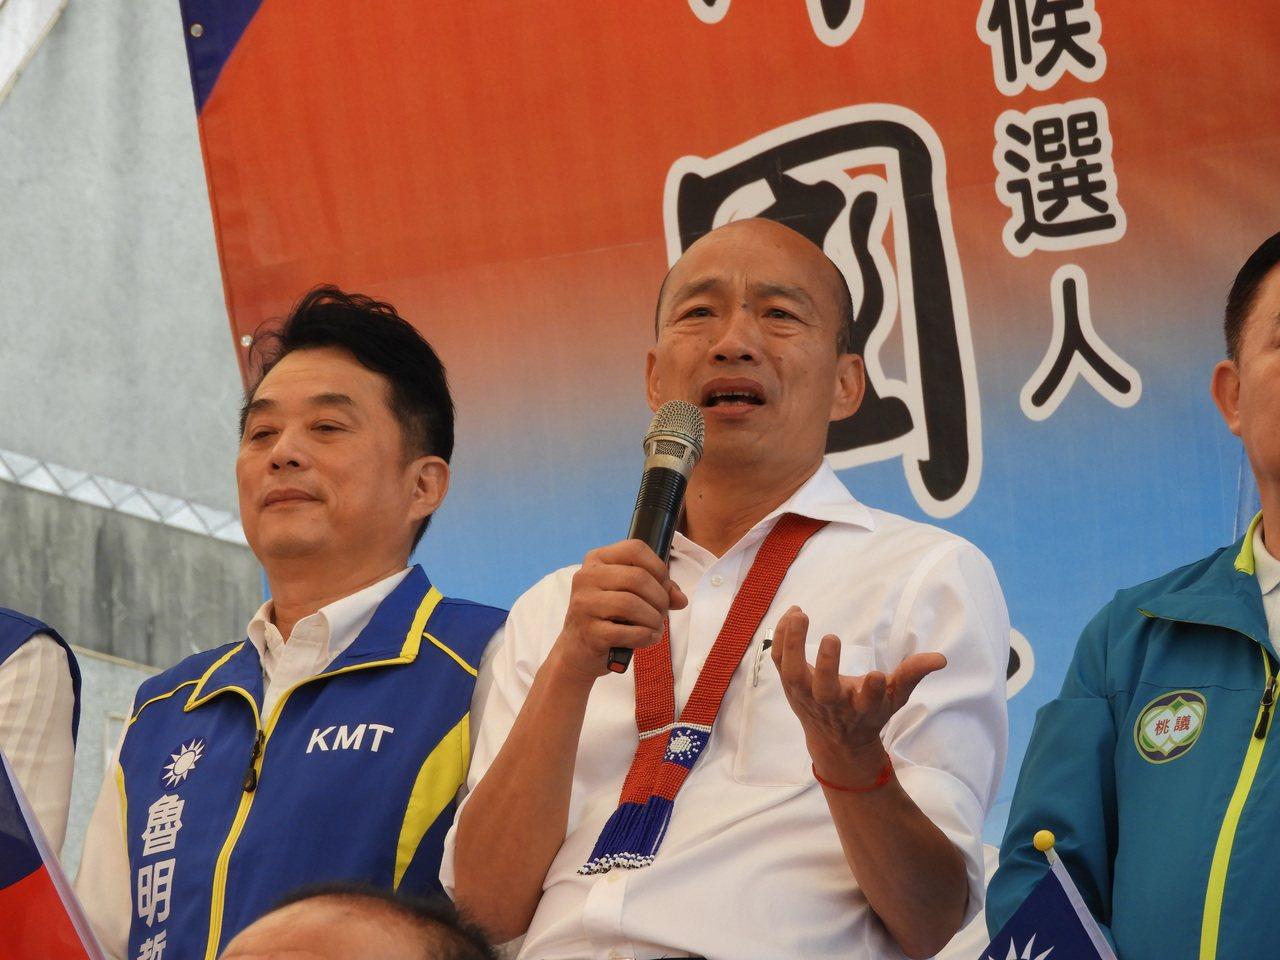 韓國瑜藉世界麵包冠軍吳寶春故事,表示大部分人民不需要大富大貴,只想過一個安穩的日...